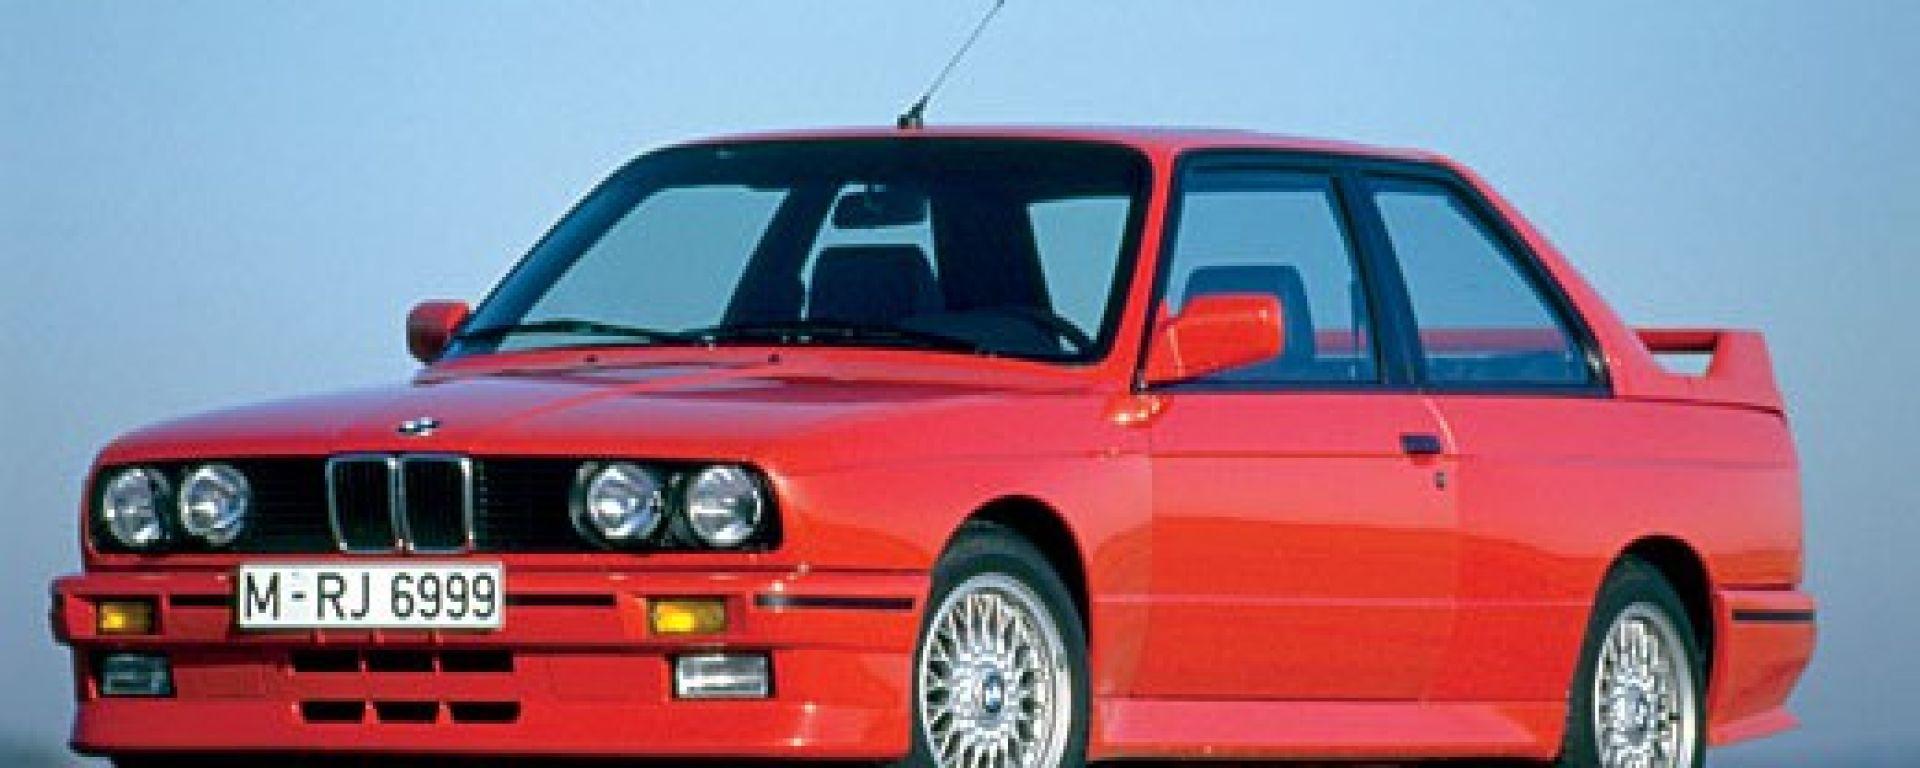 BMW M3: Come è nato il mito